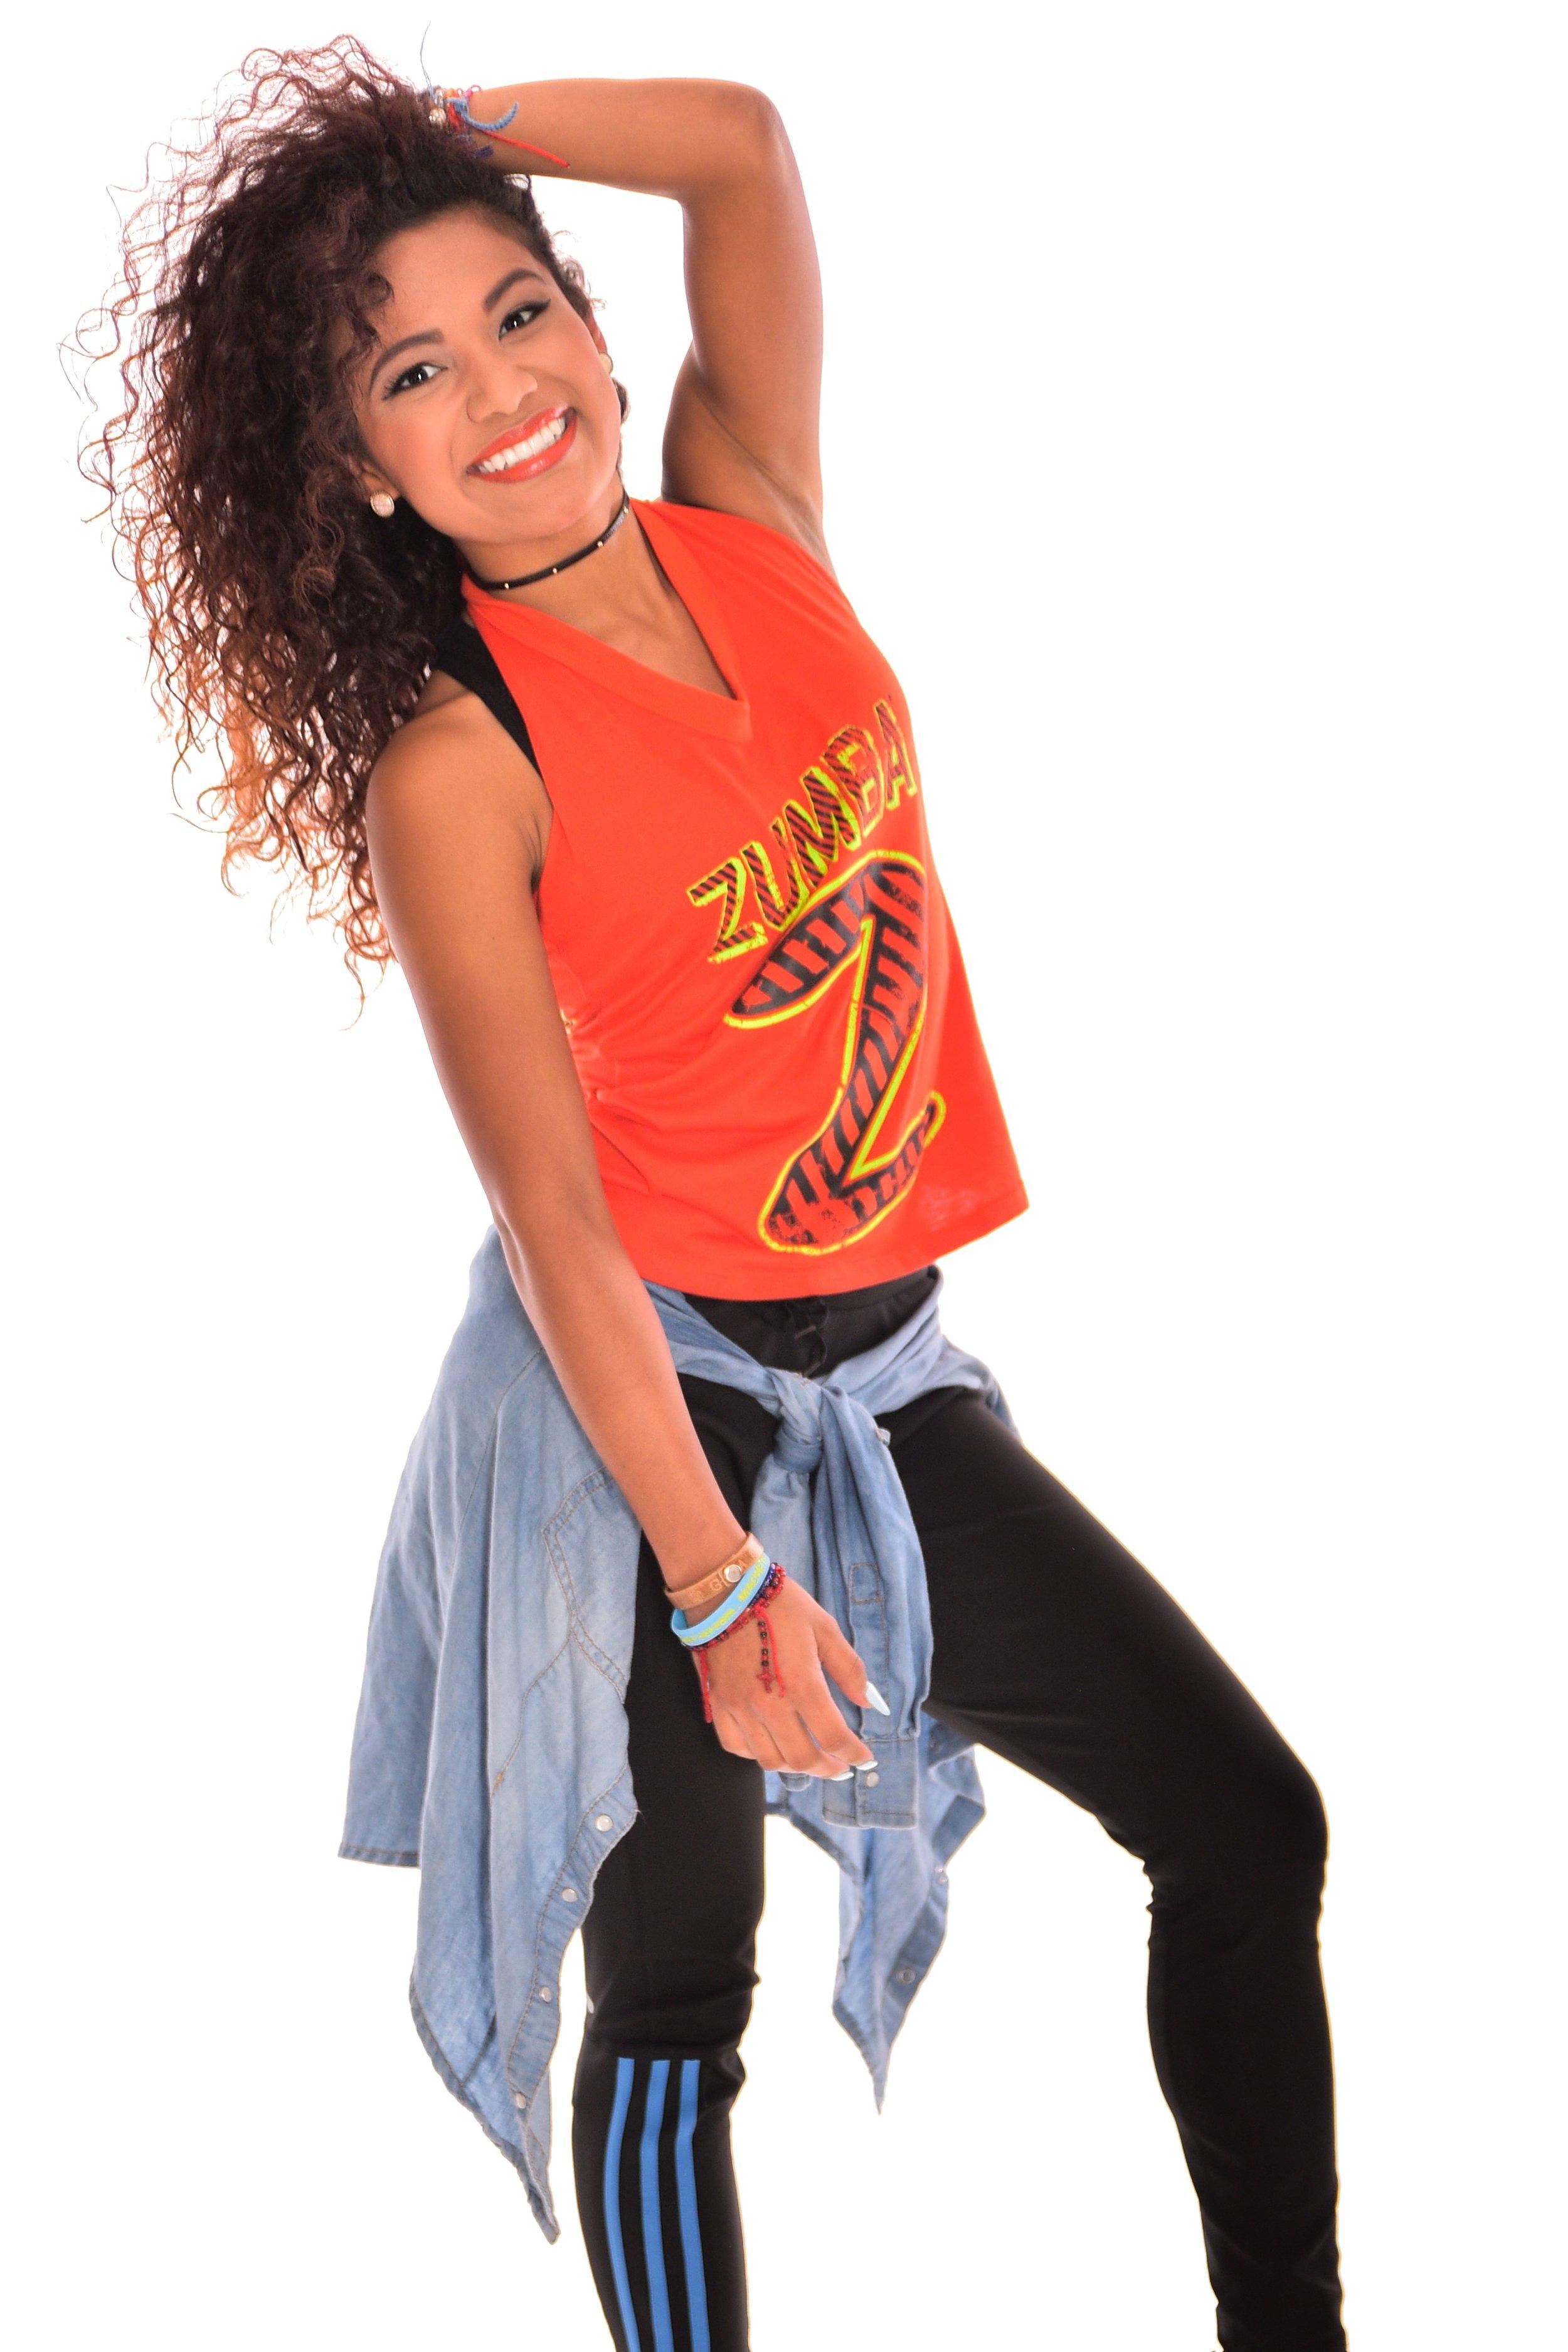 Zumba, Janice Gonzalez @janiceg24.zj